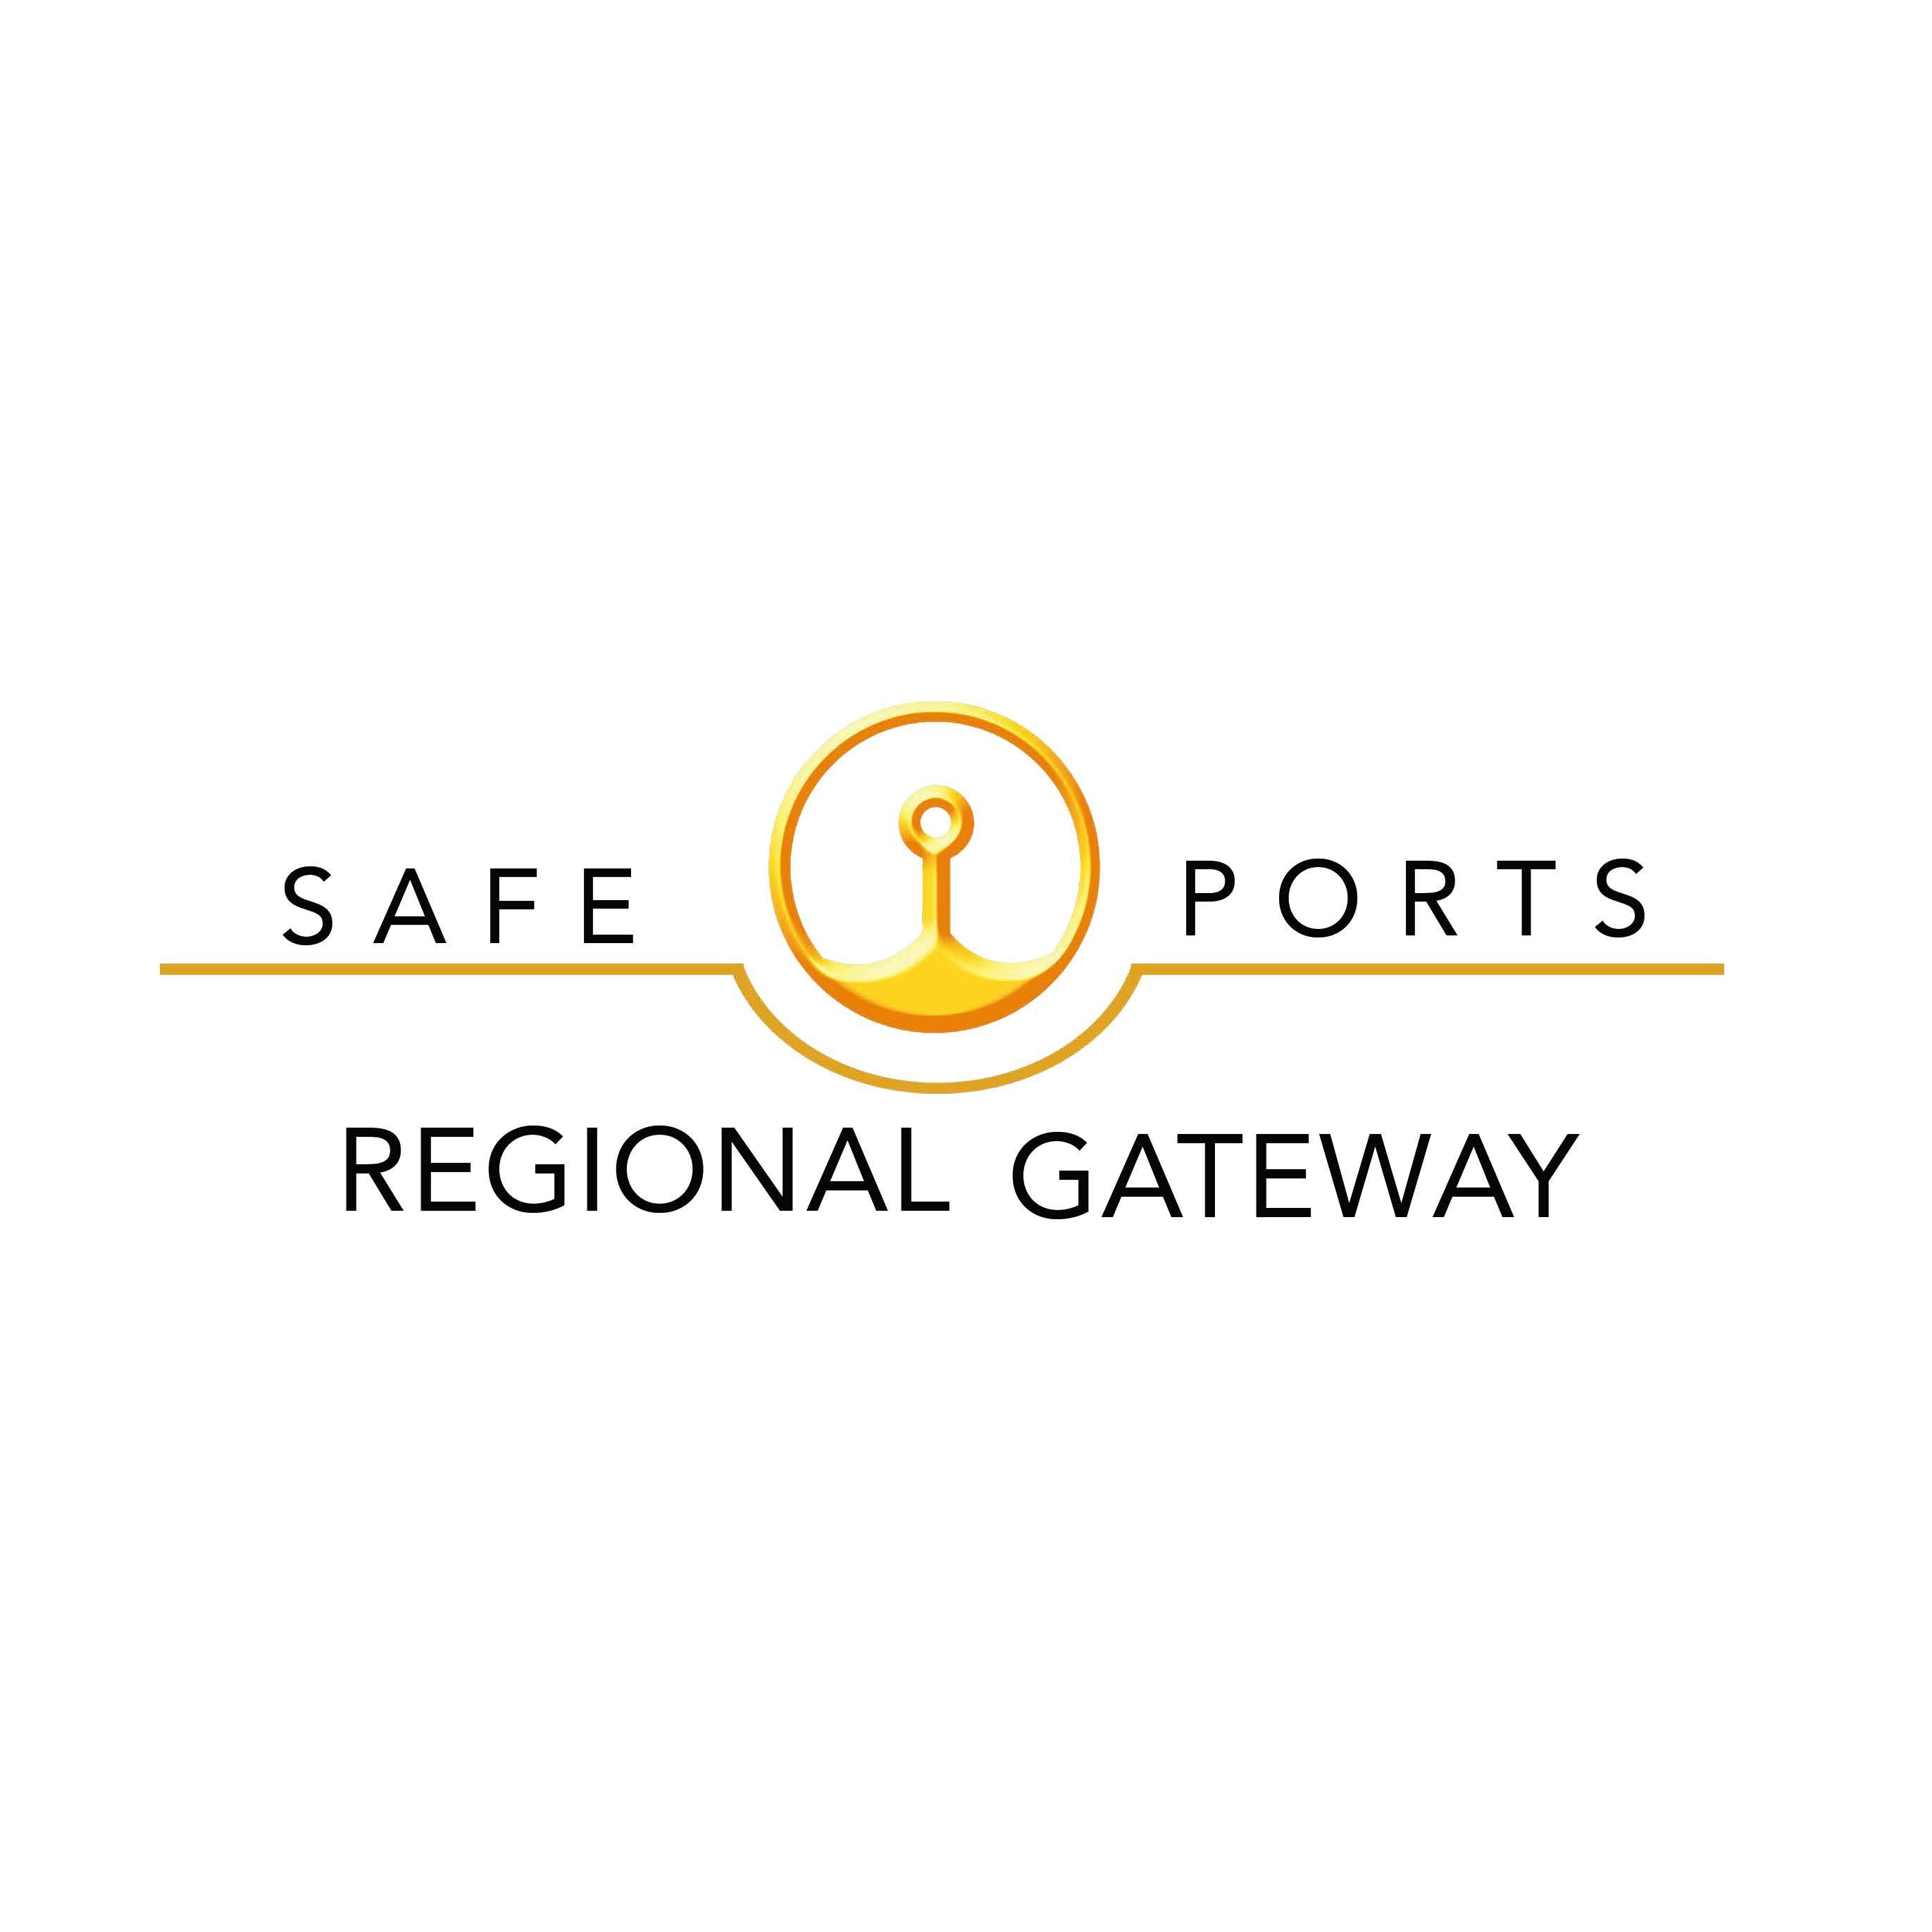 Safe Ports